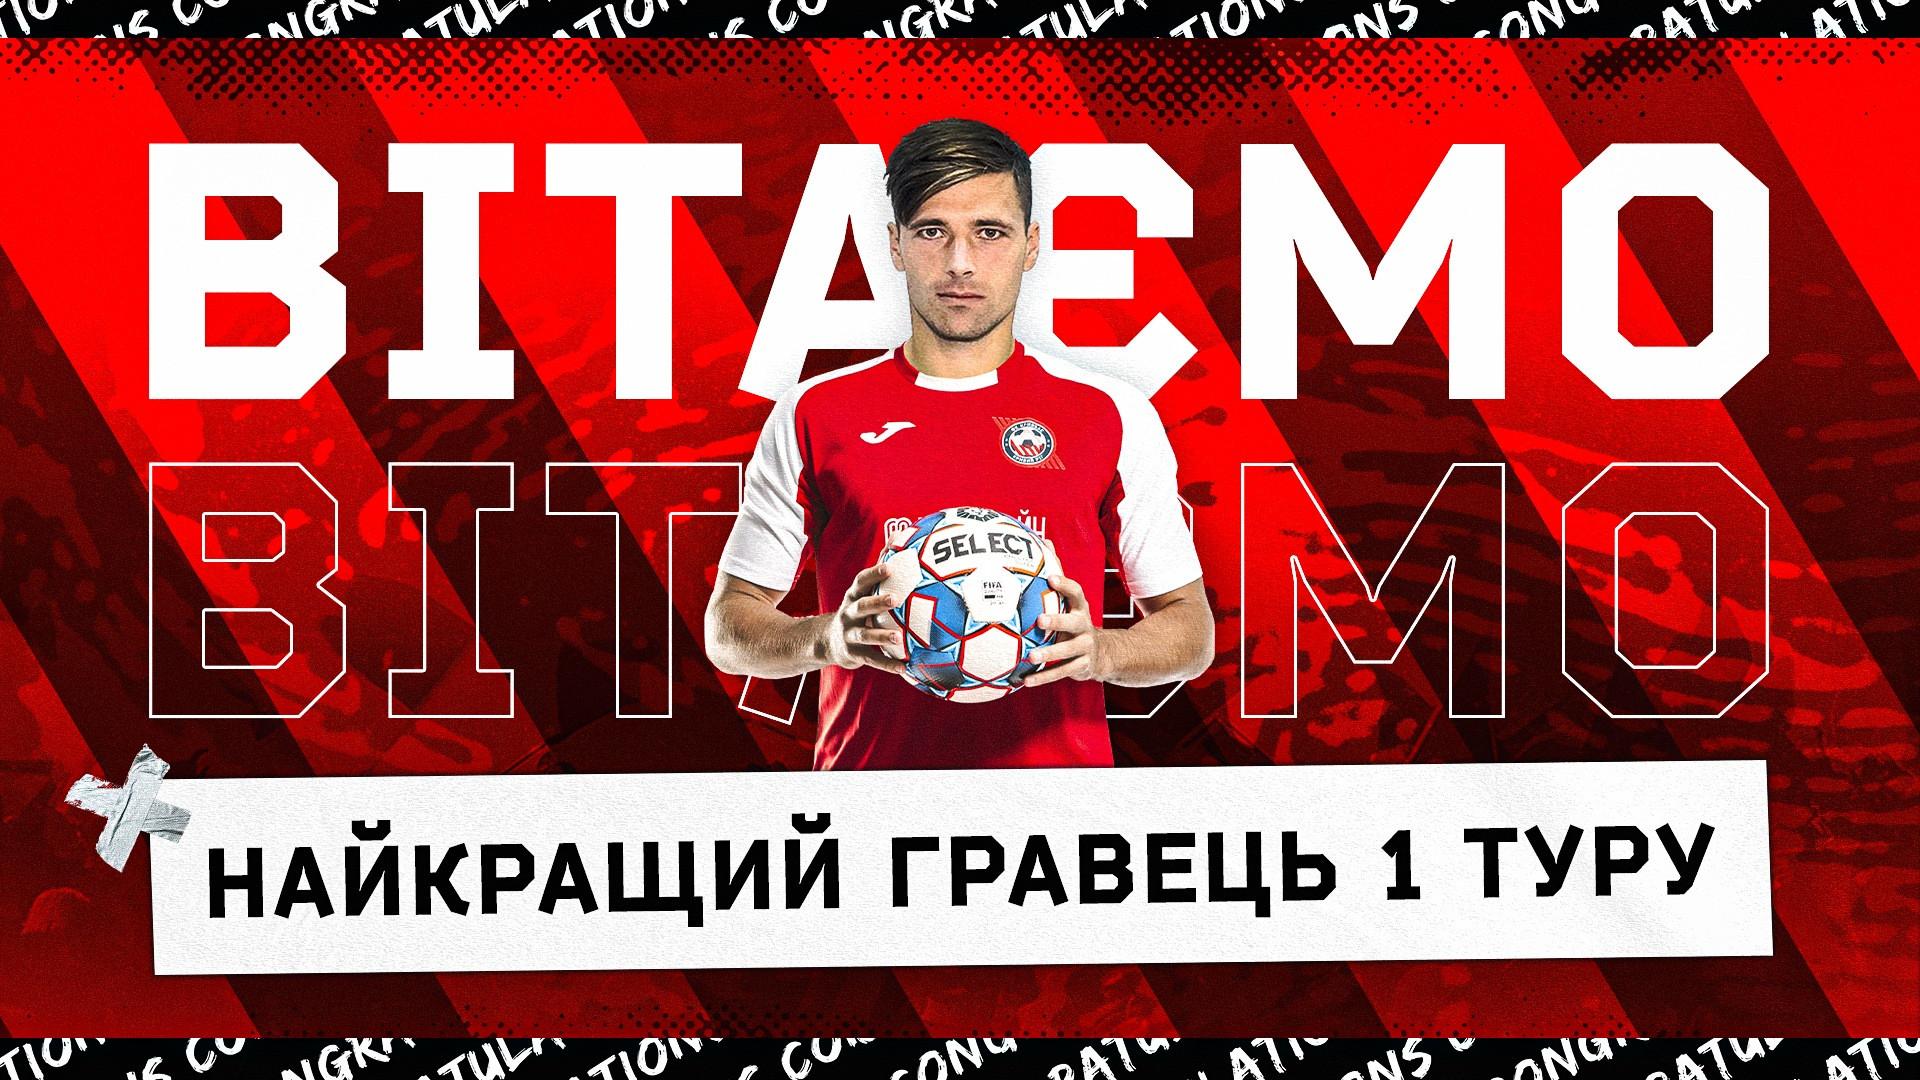 Артем Щедрий - найкращий гравець 1 туру Першої ліги!}